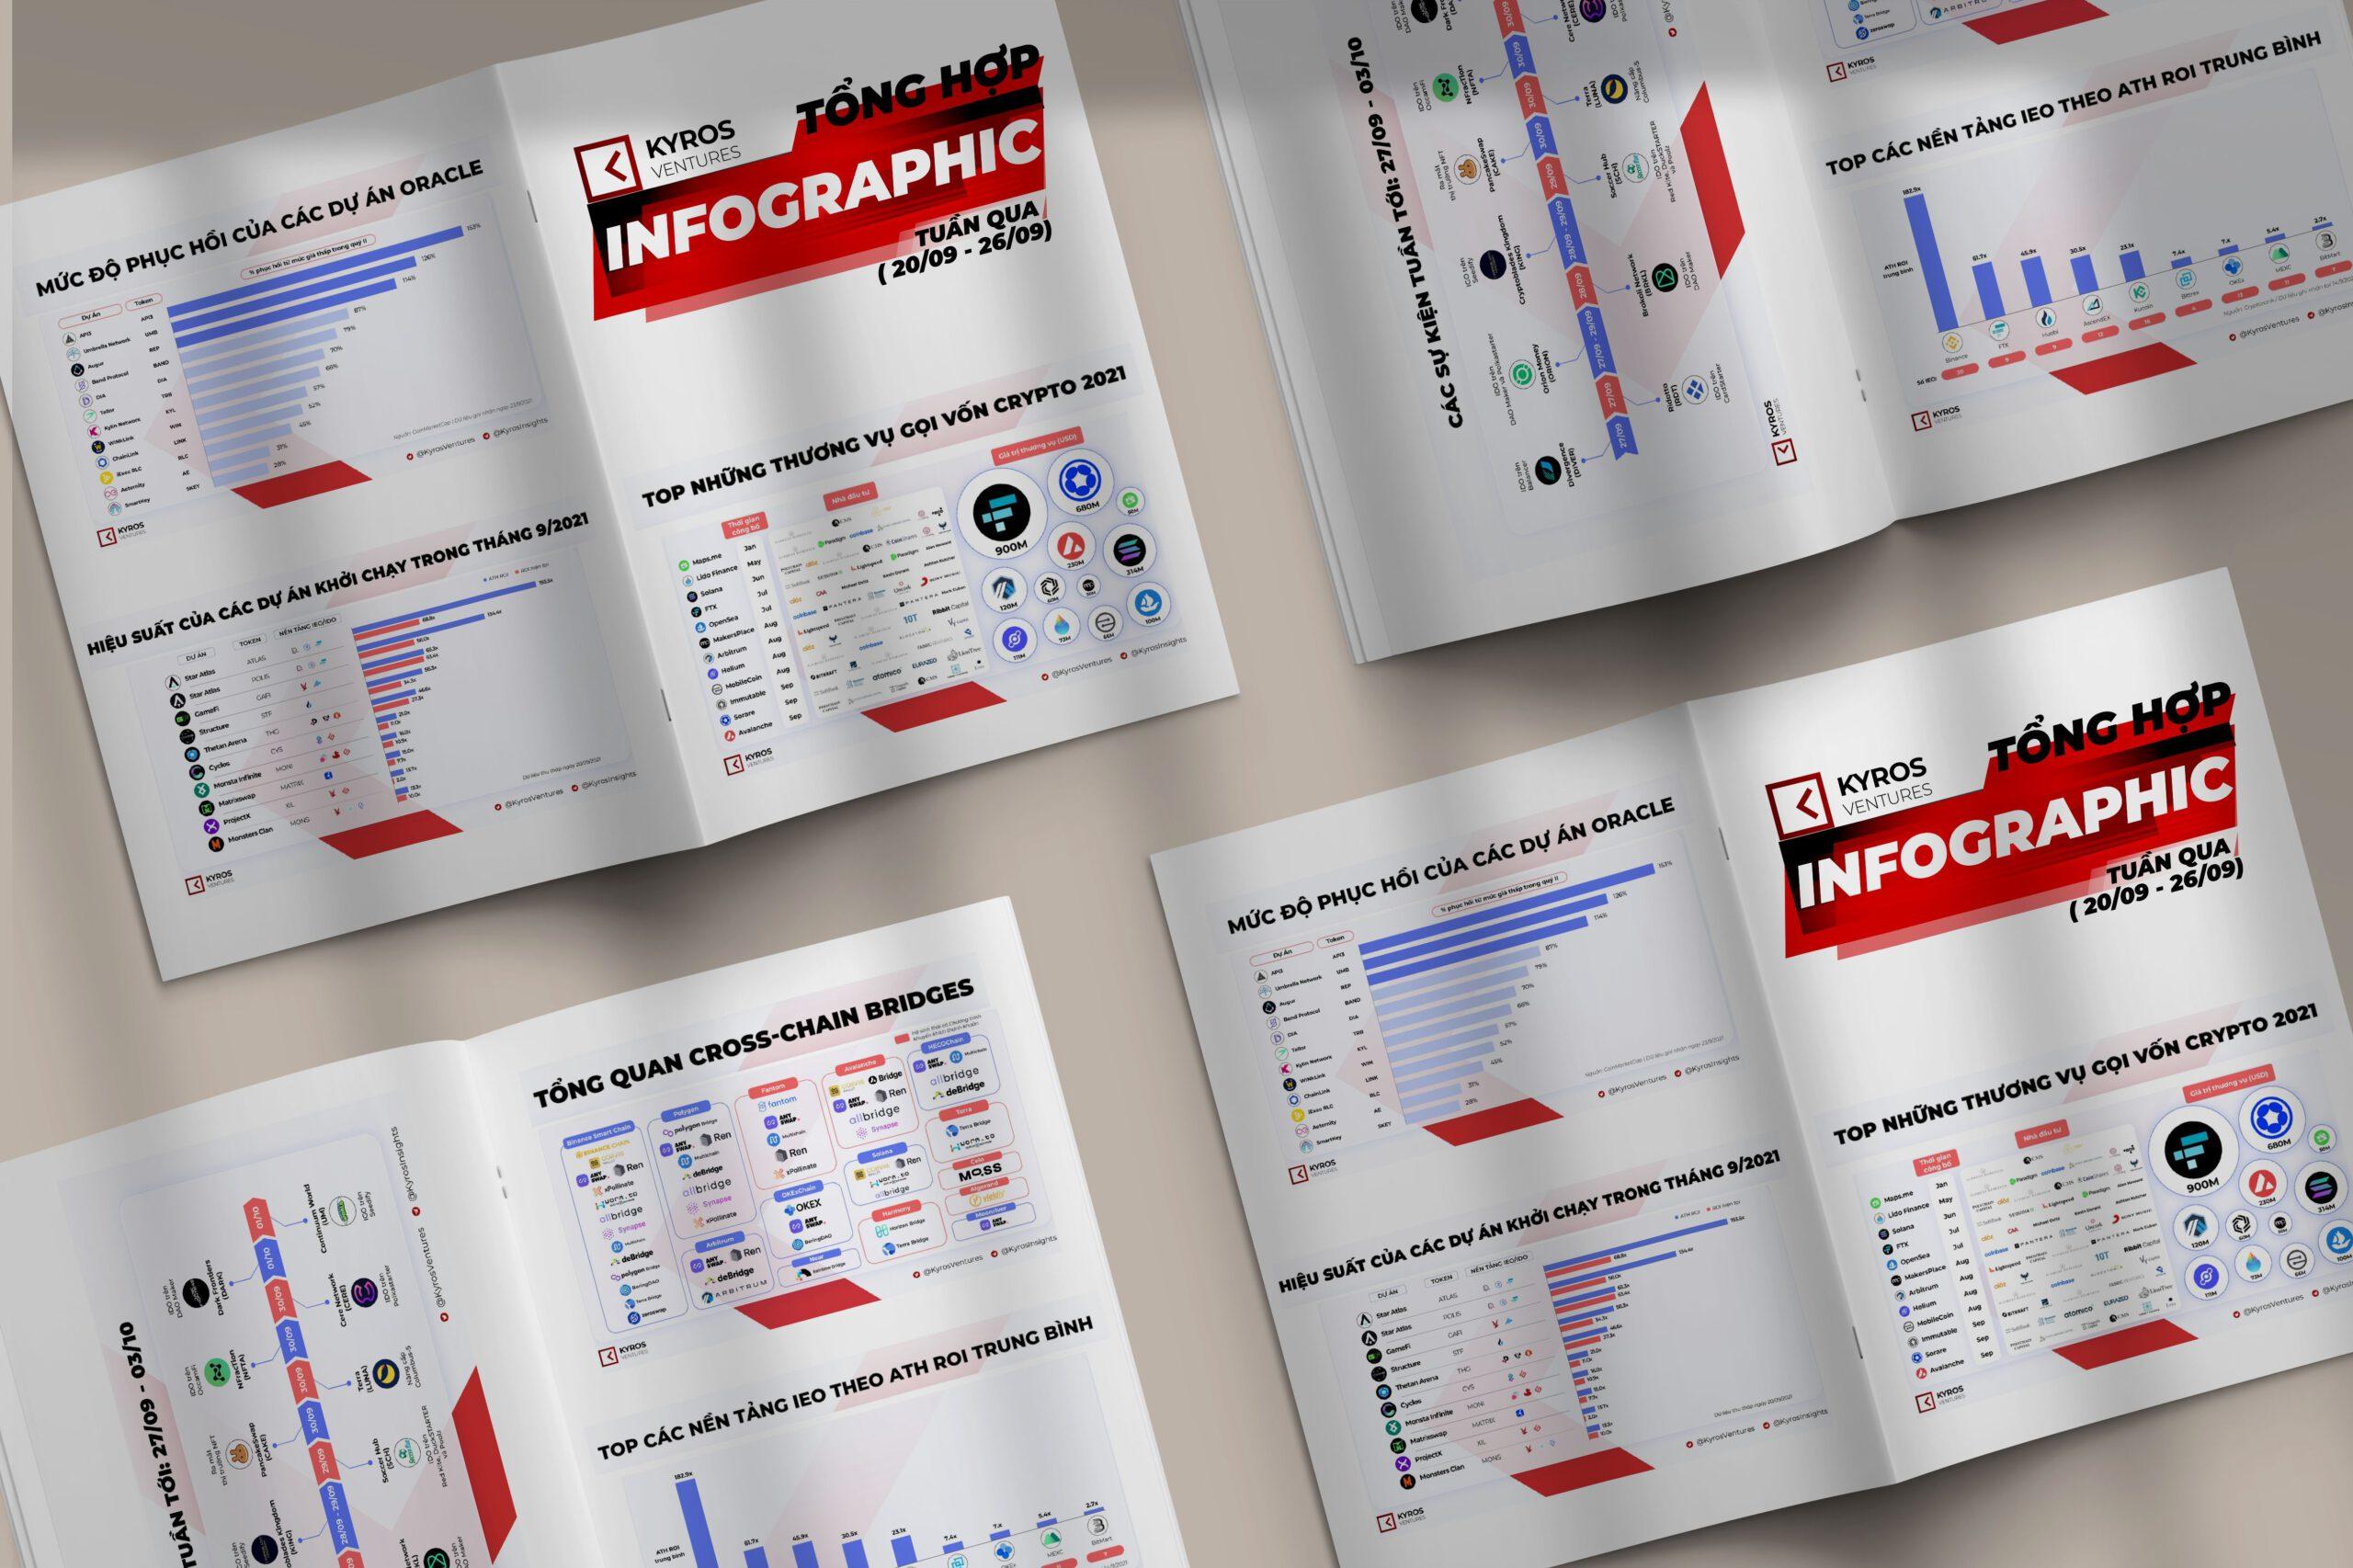 Kyros Ventures: Tổng hợp những Infographic tuần qua (20/09 – 26/09)